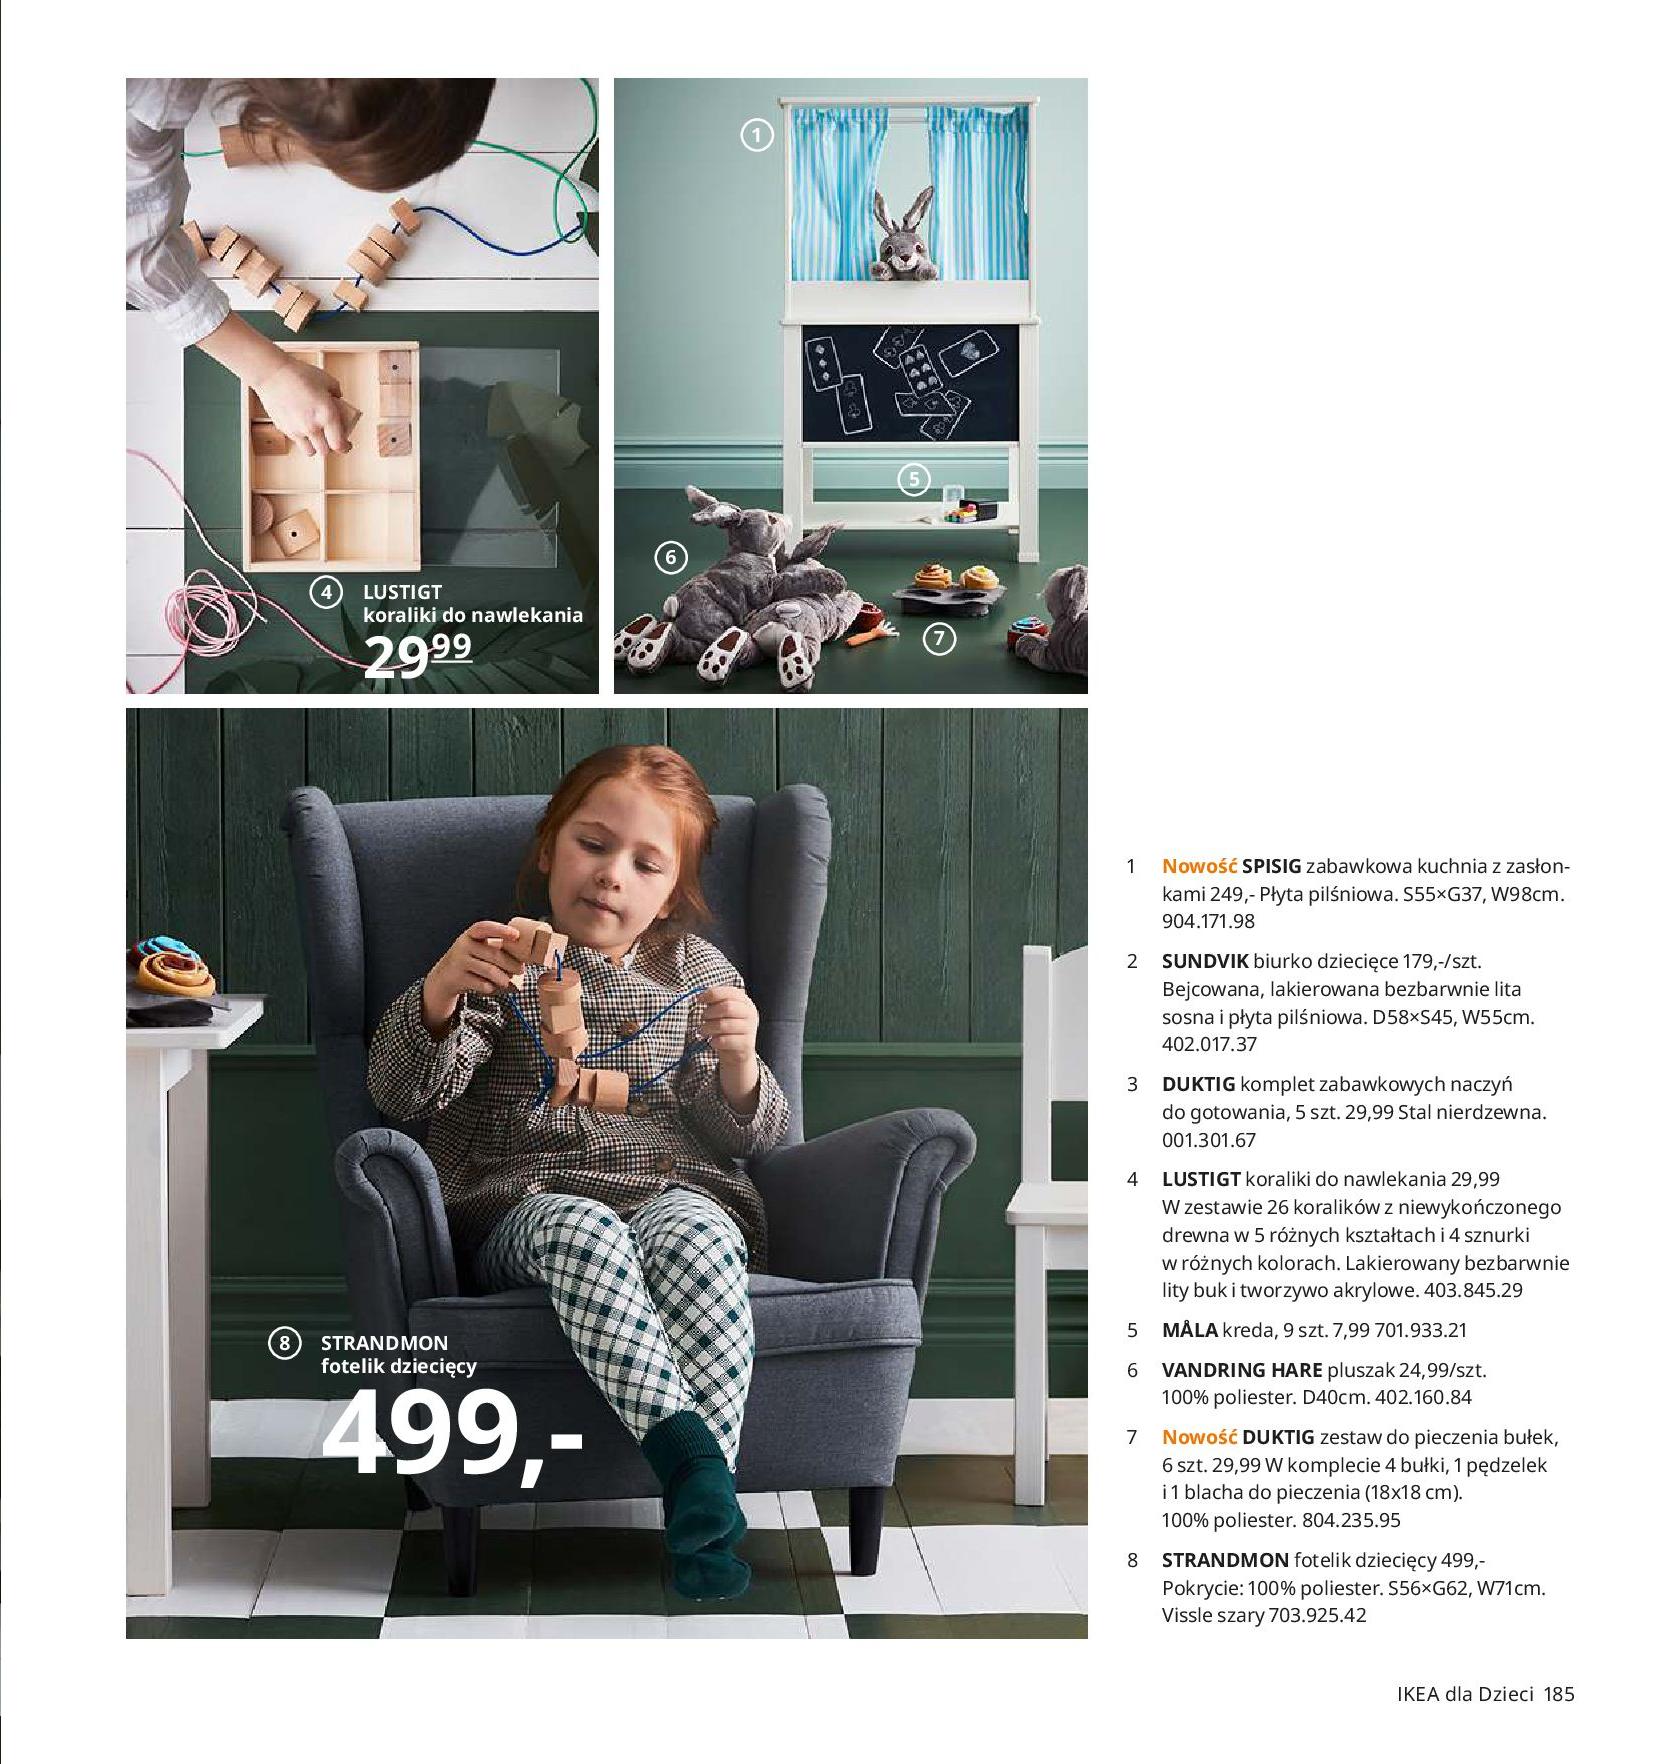 Gazetka IKEA - Katalog IKEA 2020-25.08.2019-31.07.2020-page-185